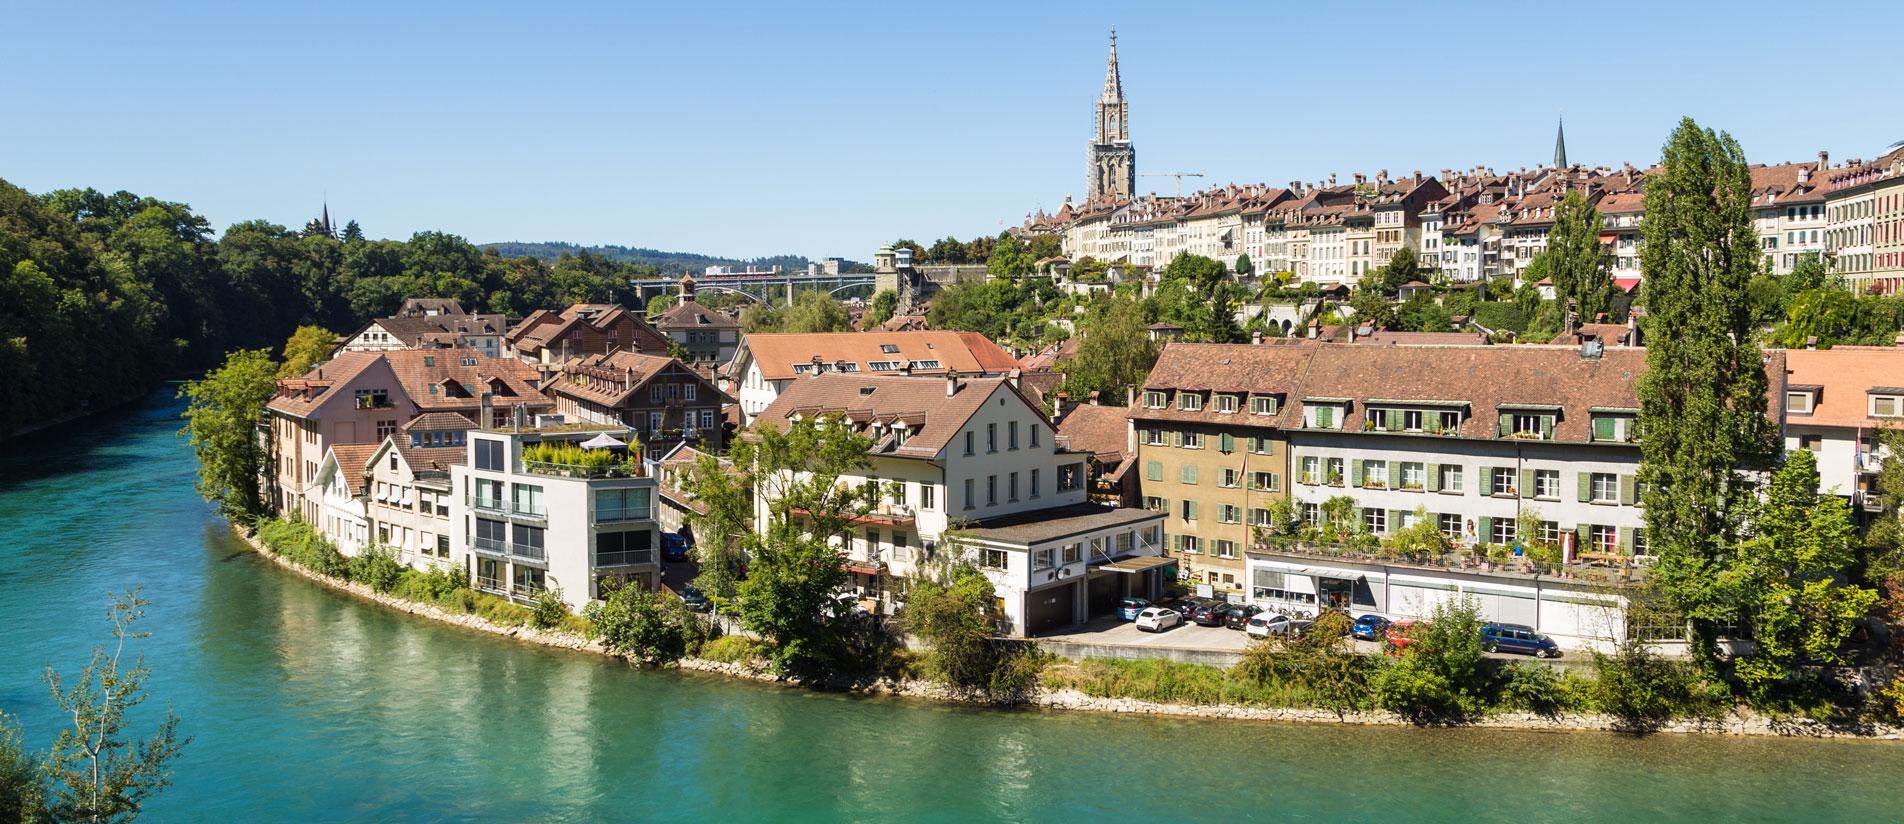 Профессиональная иммиграция в швейцарию инвестиции в недвижимость дубай